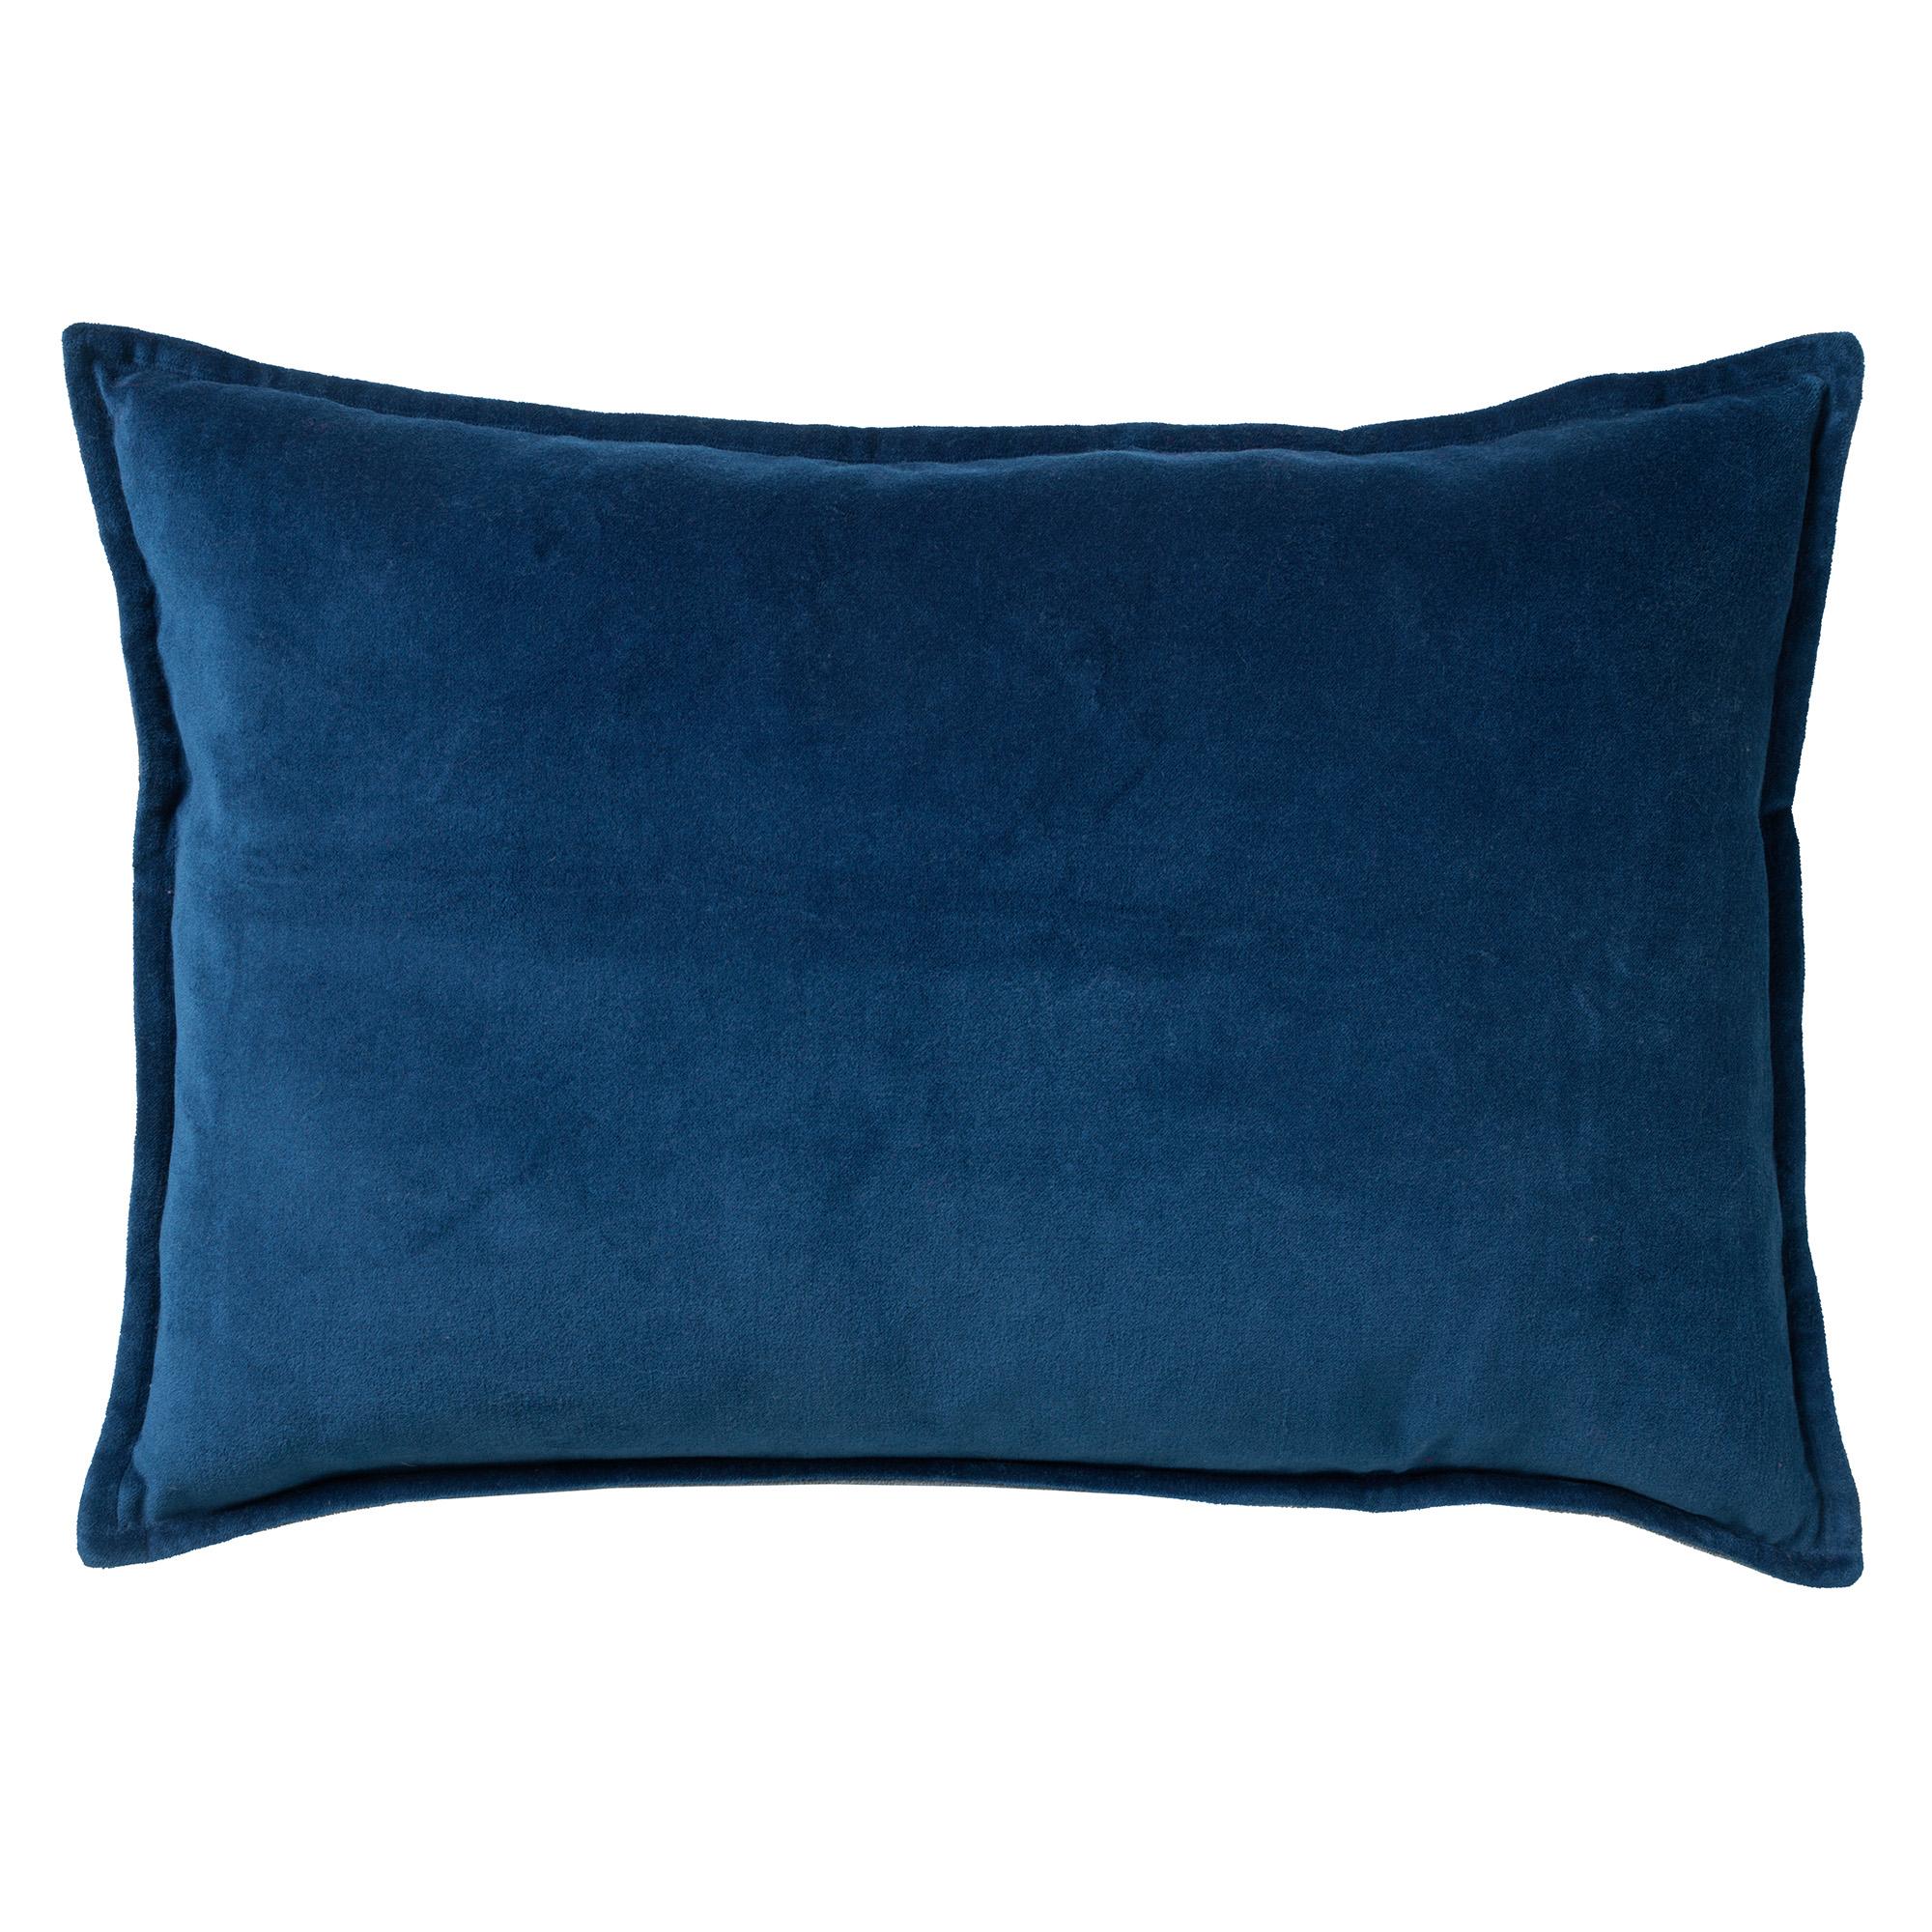 FAY - Sierkussen velvet Insignia Blue 40x60 cm